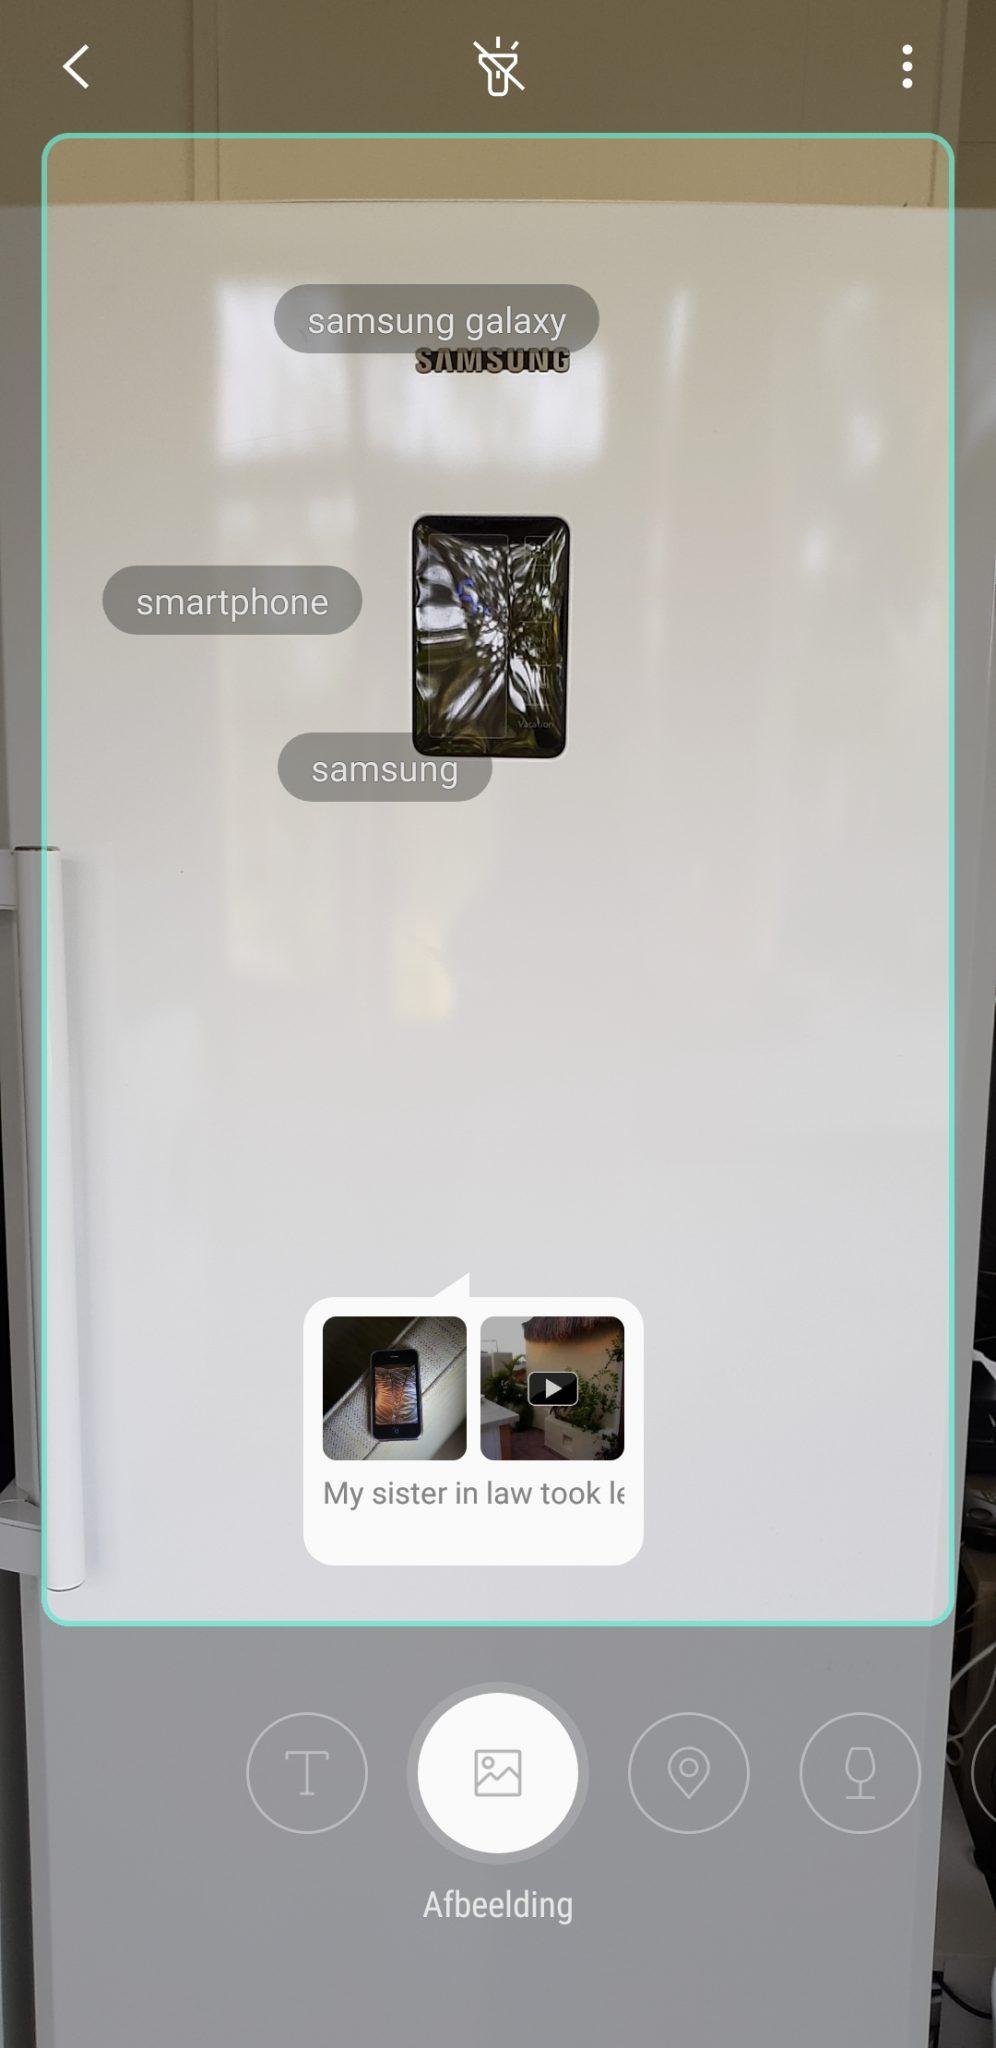 Informatie opzoeken met Bixby Vision: Een koelkast is geen Smartphone, Bixby!